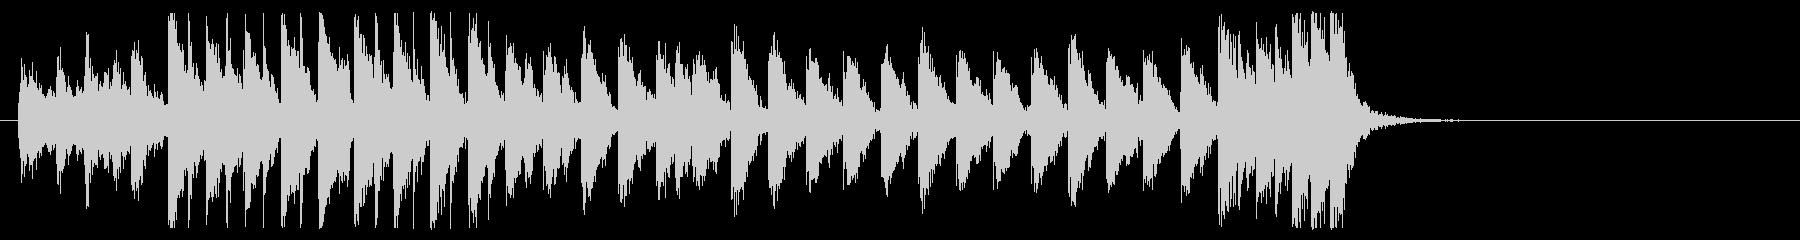 三味線と太鼓のアンサンブル2BMP120の未再生の波形